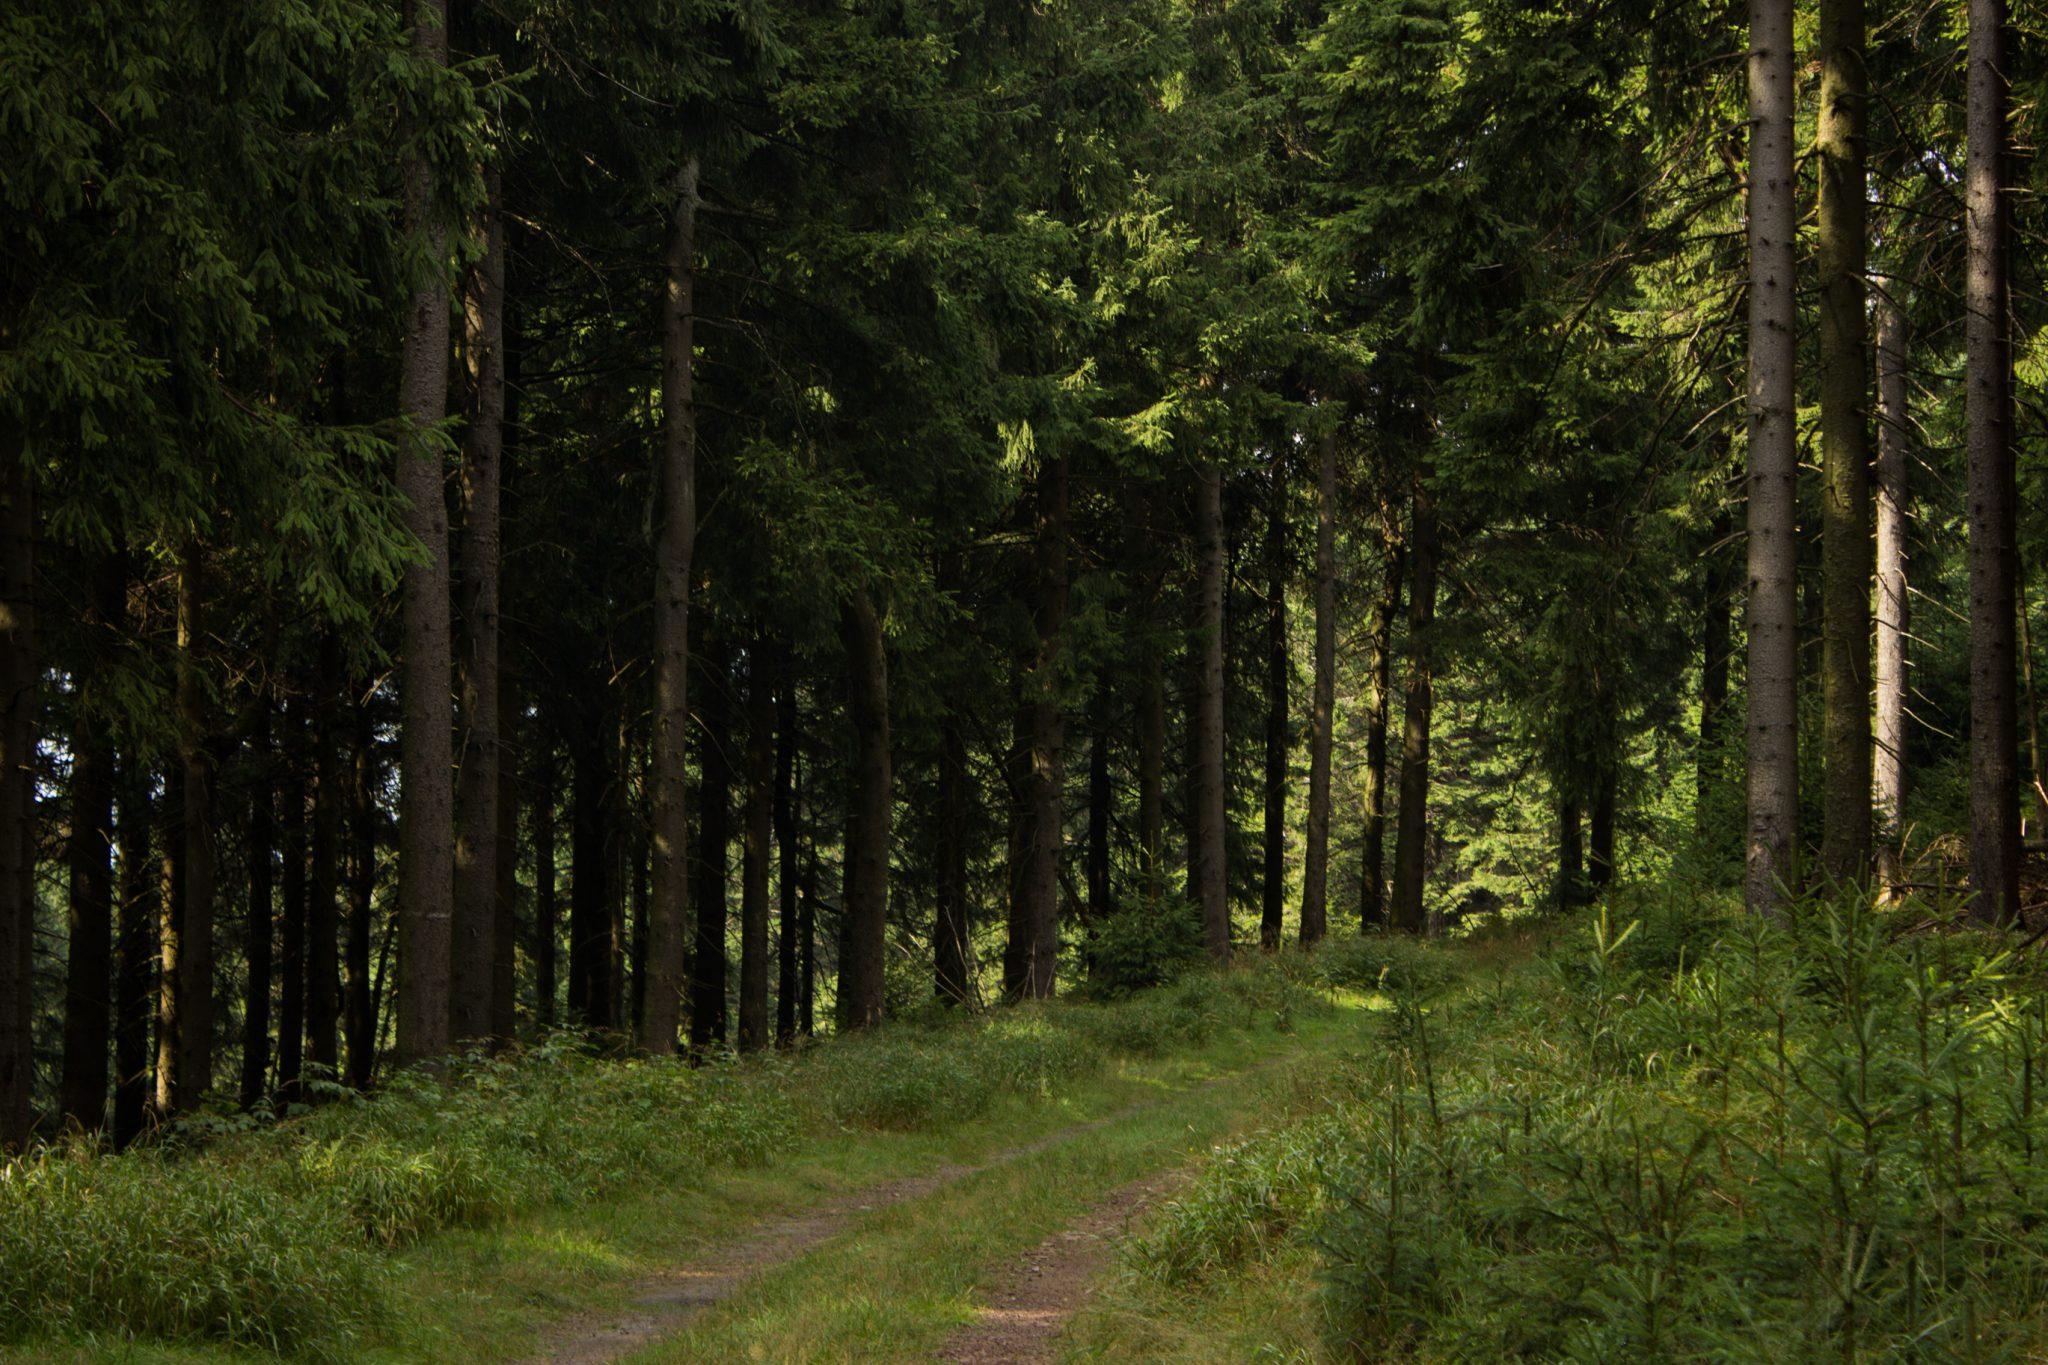 Großer Beerberg Schneekopf und Teufelskanzel, Gipfeltour Wanderung im Thüringer Wald, Wanderweg durch Wald